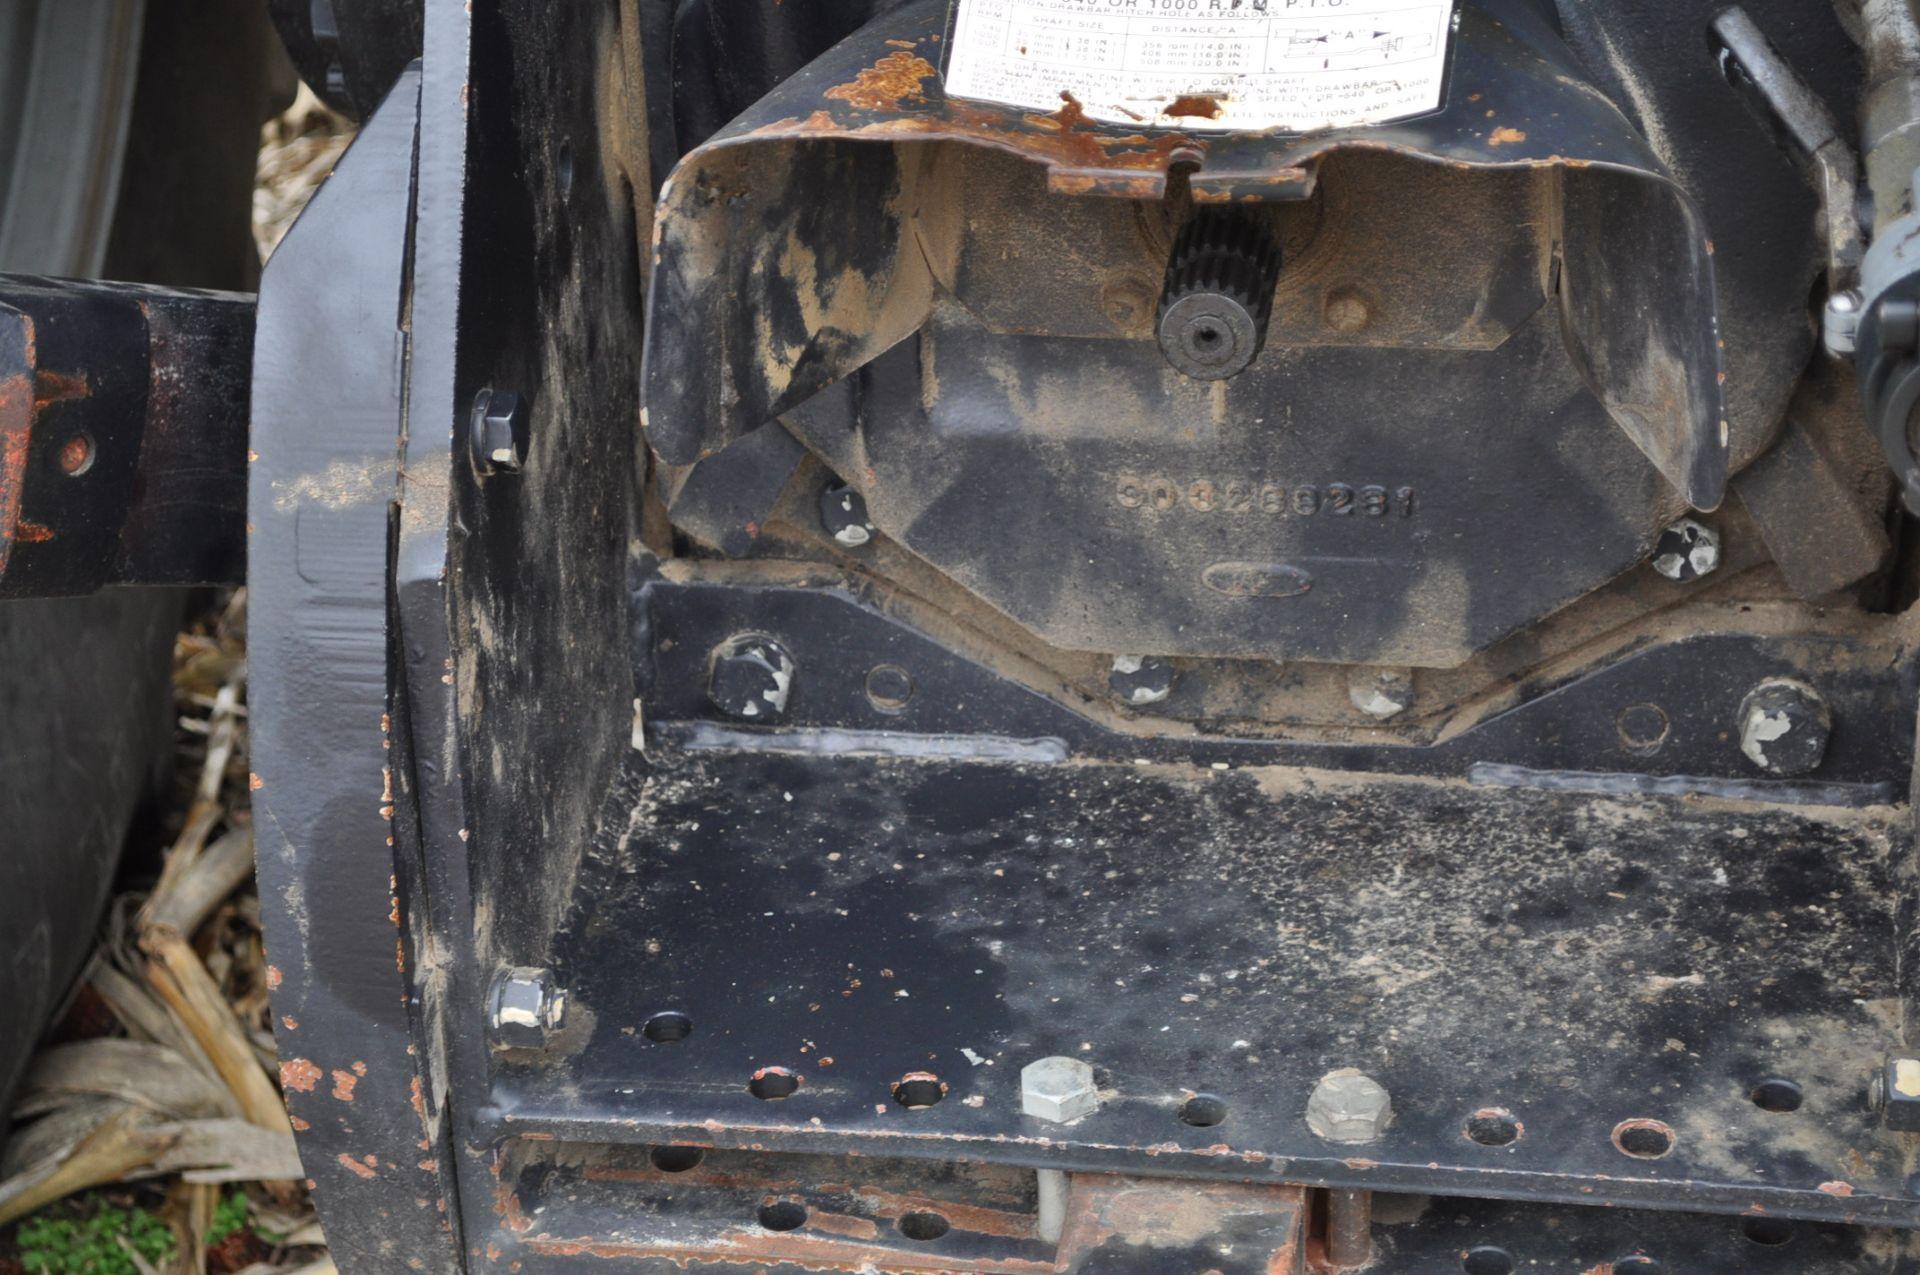 Deutz Allis 9150 tractor, MFWD, 18.4 R 42 duals, 420/85 R 28 tires, 6+3 speed range, 2 hyd - Image 10 of 20